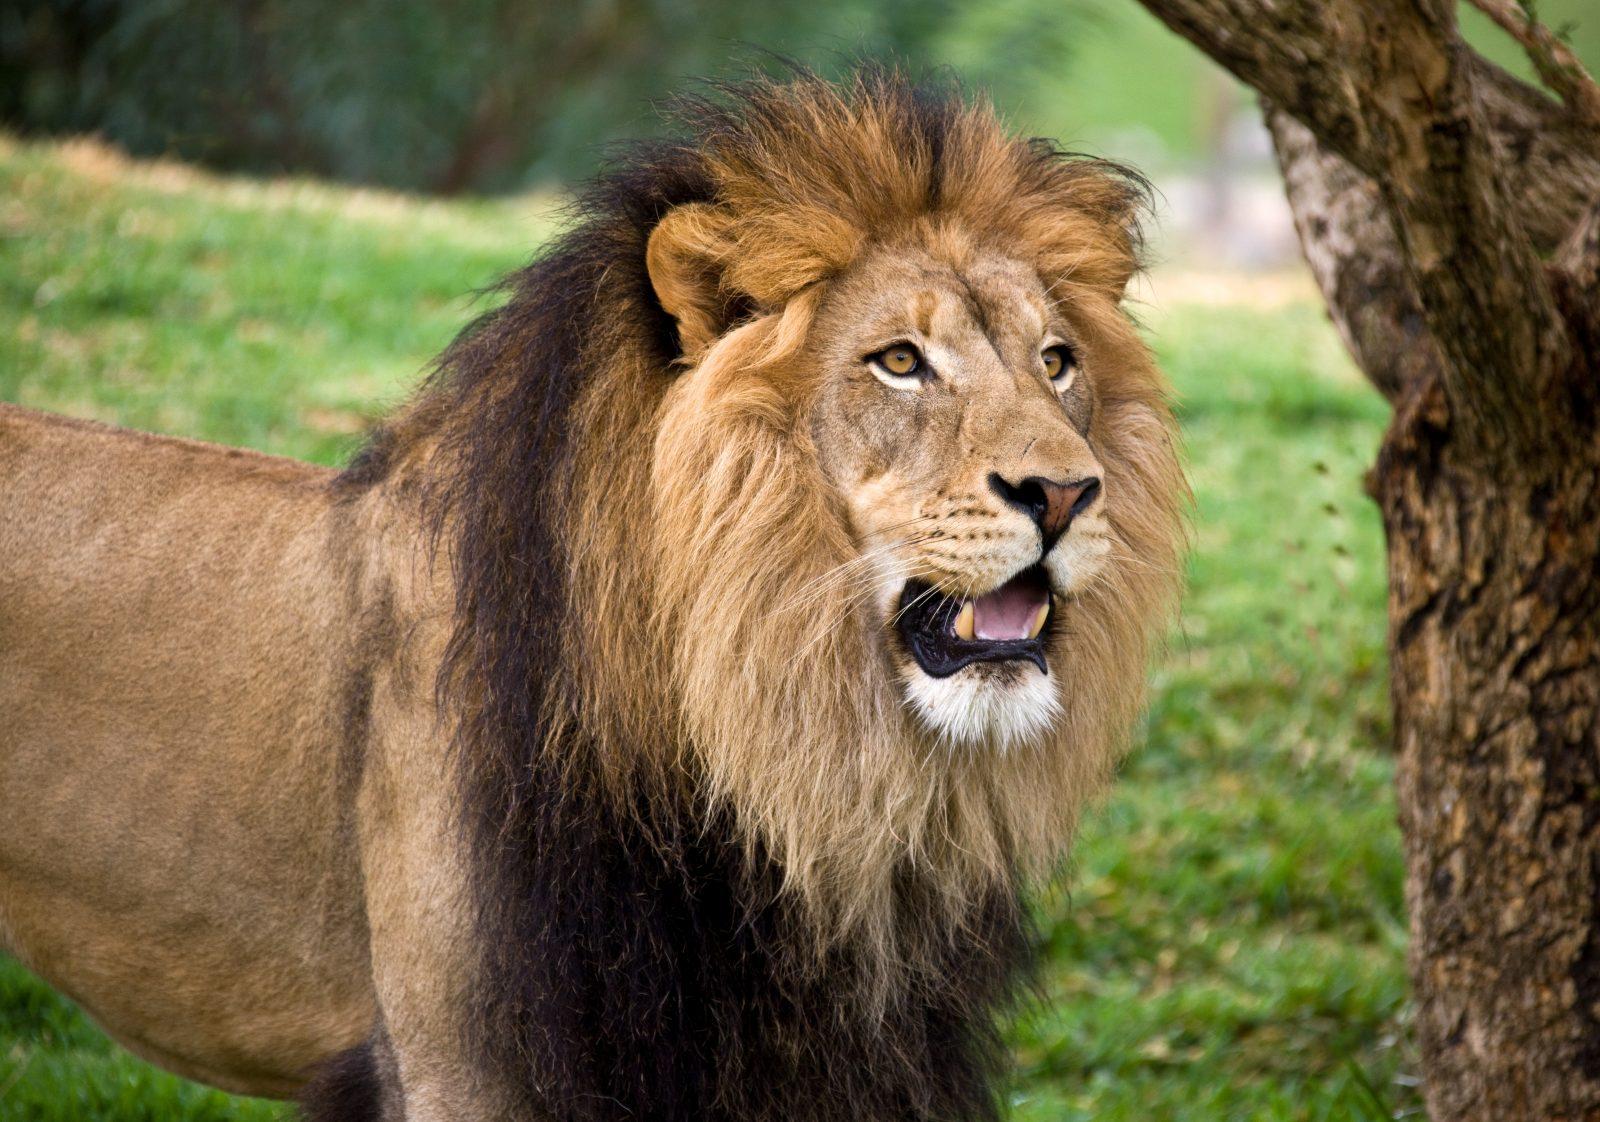 Lion, parc-animalier-auvergne